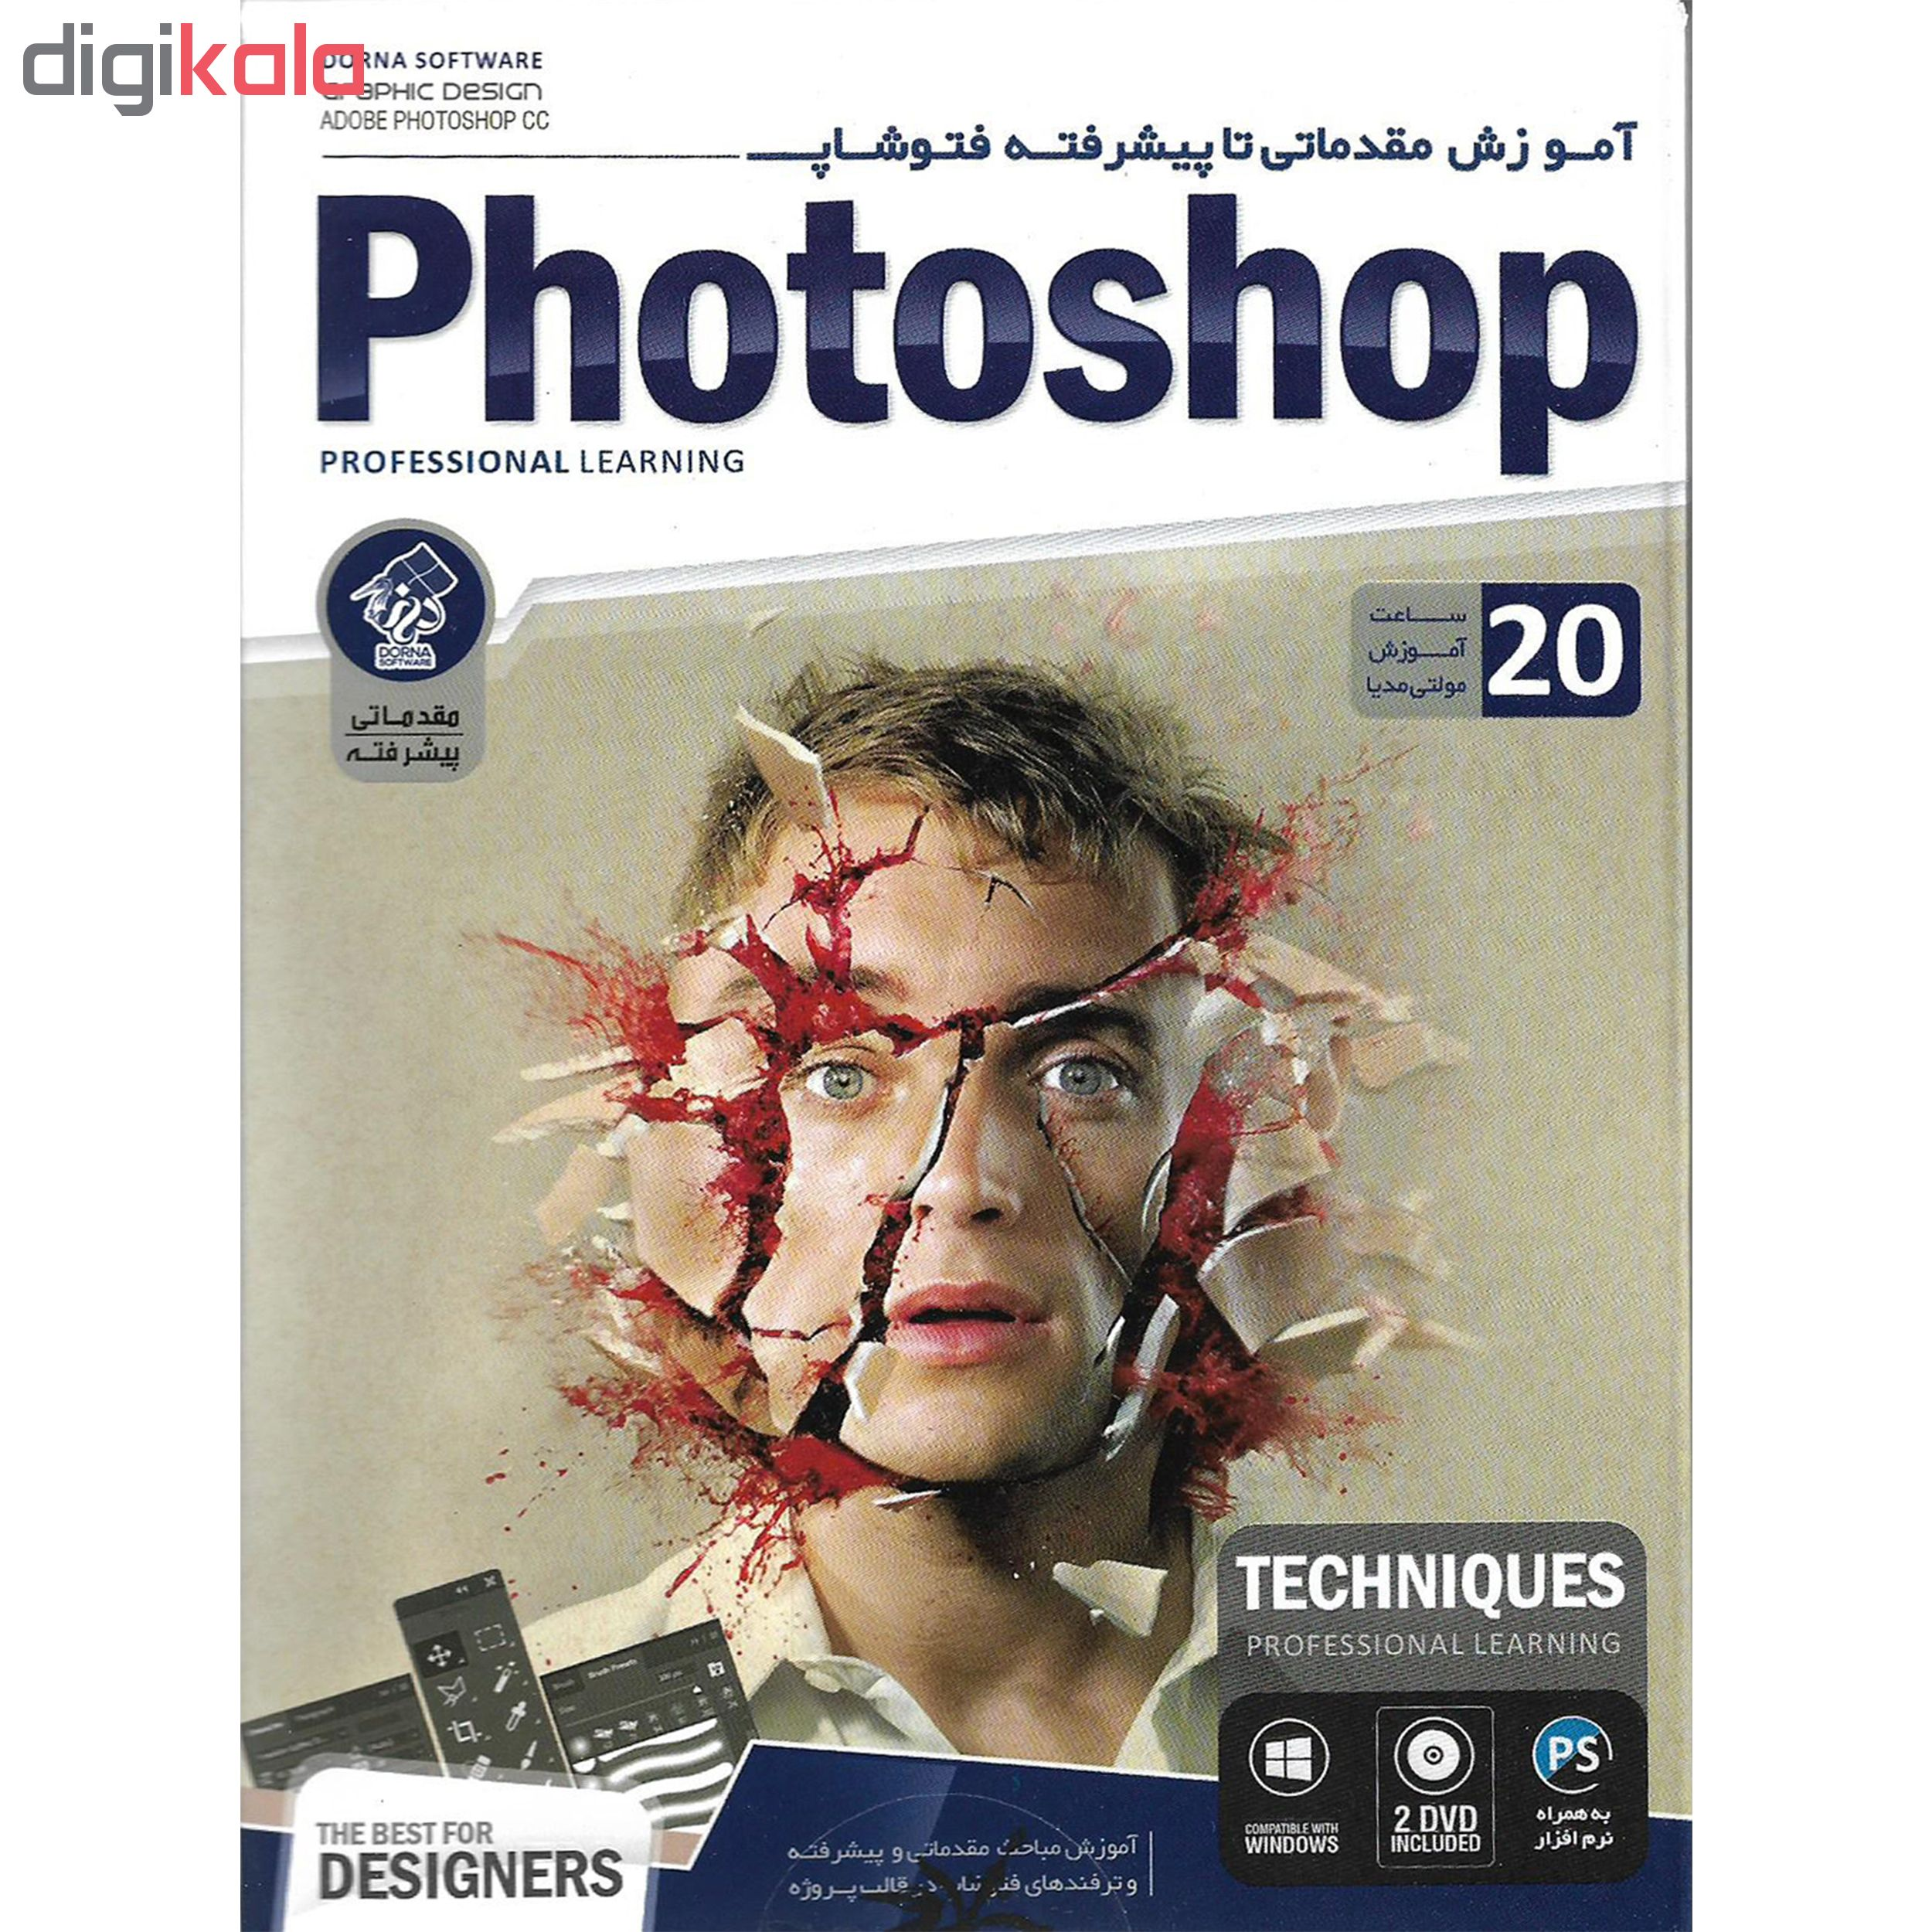 نرم افزار آموزش پروژه محور PHOTOSHOP CC نشر نوین پندار به همراه نرم افزار آموزش فتوشاپ PHOTOSHOP نشر درنا